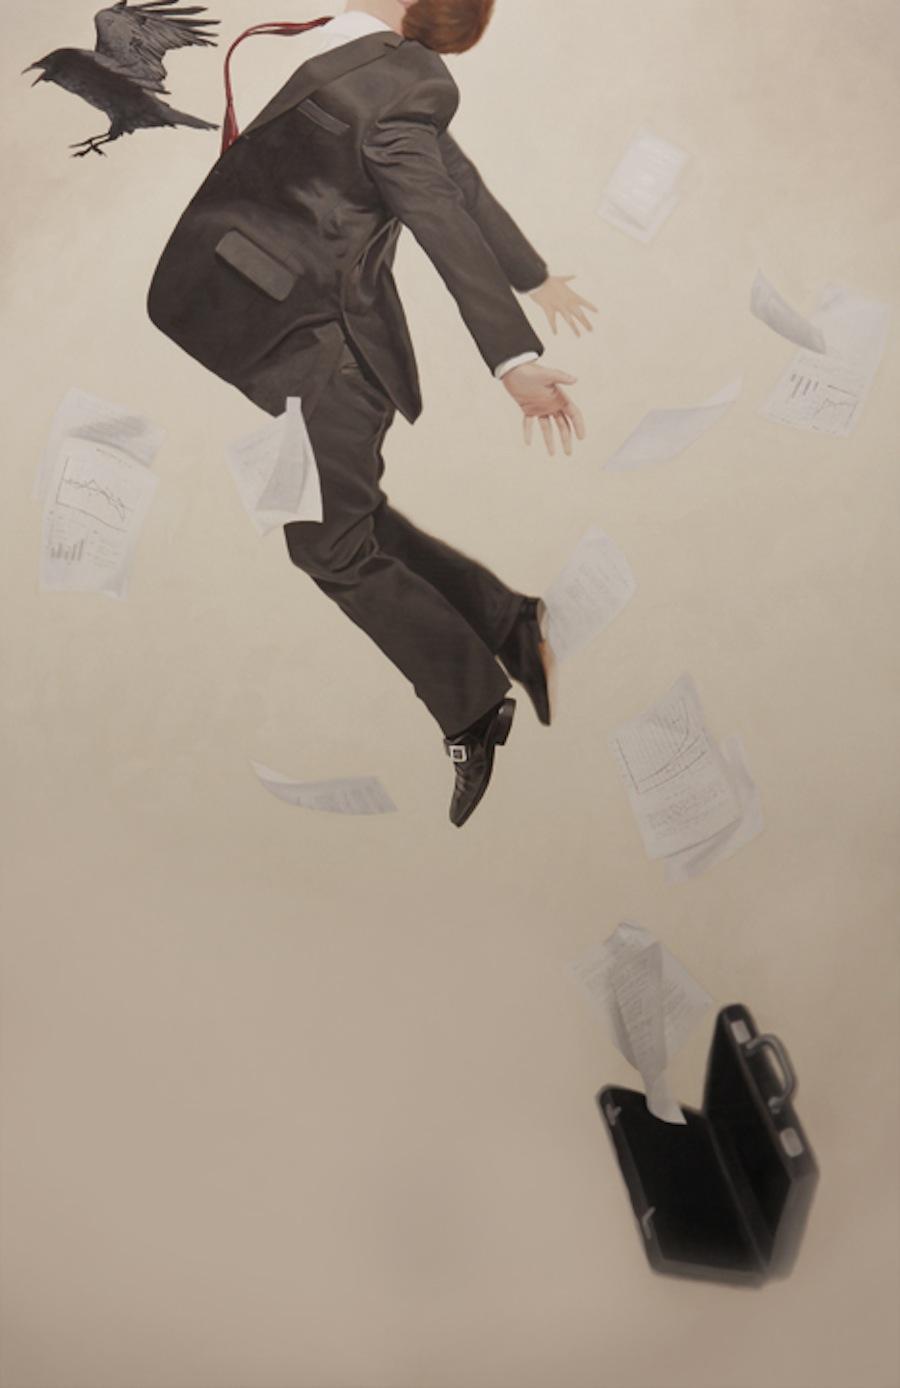 Relativity by Alex Hall